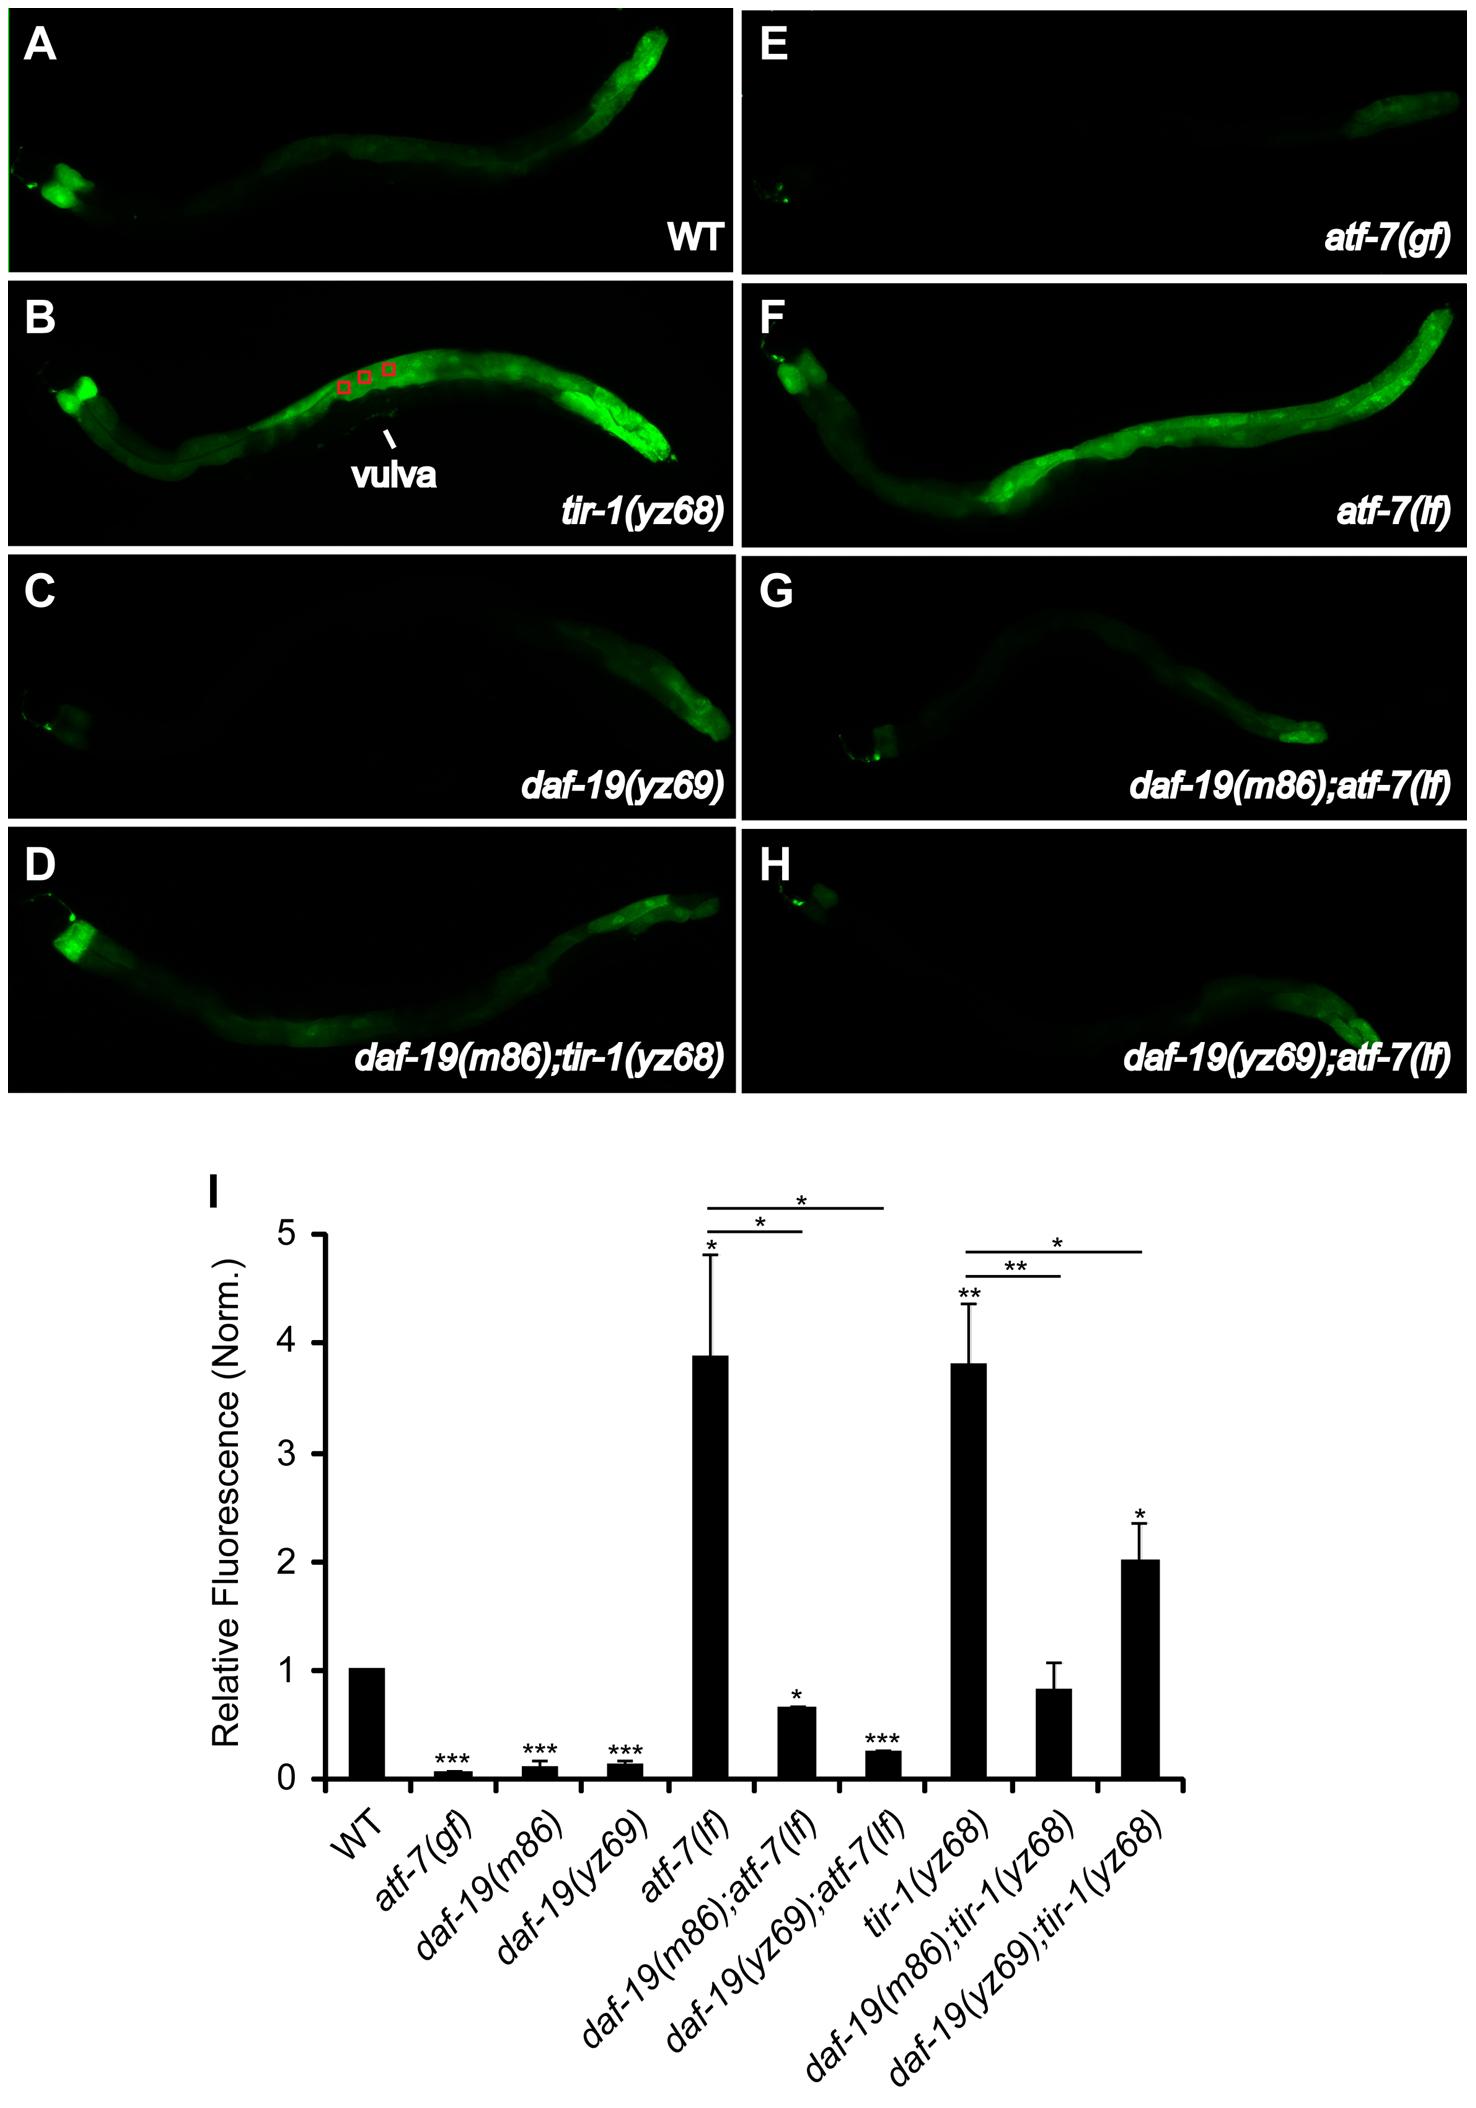 Reduced immune gene marker in the intestine of <i>daf-19</i> mutants.